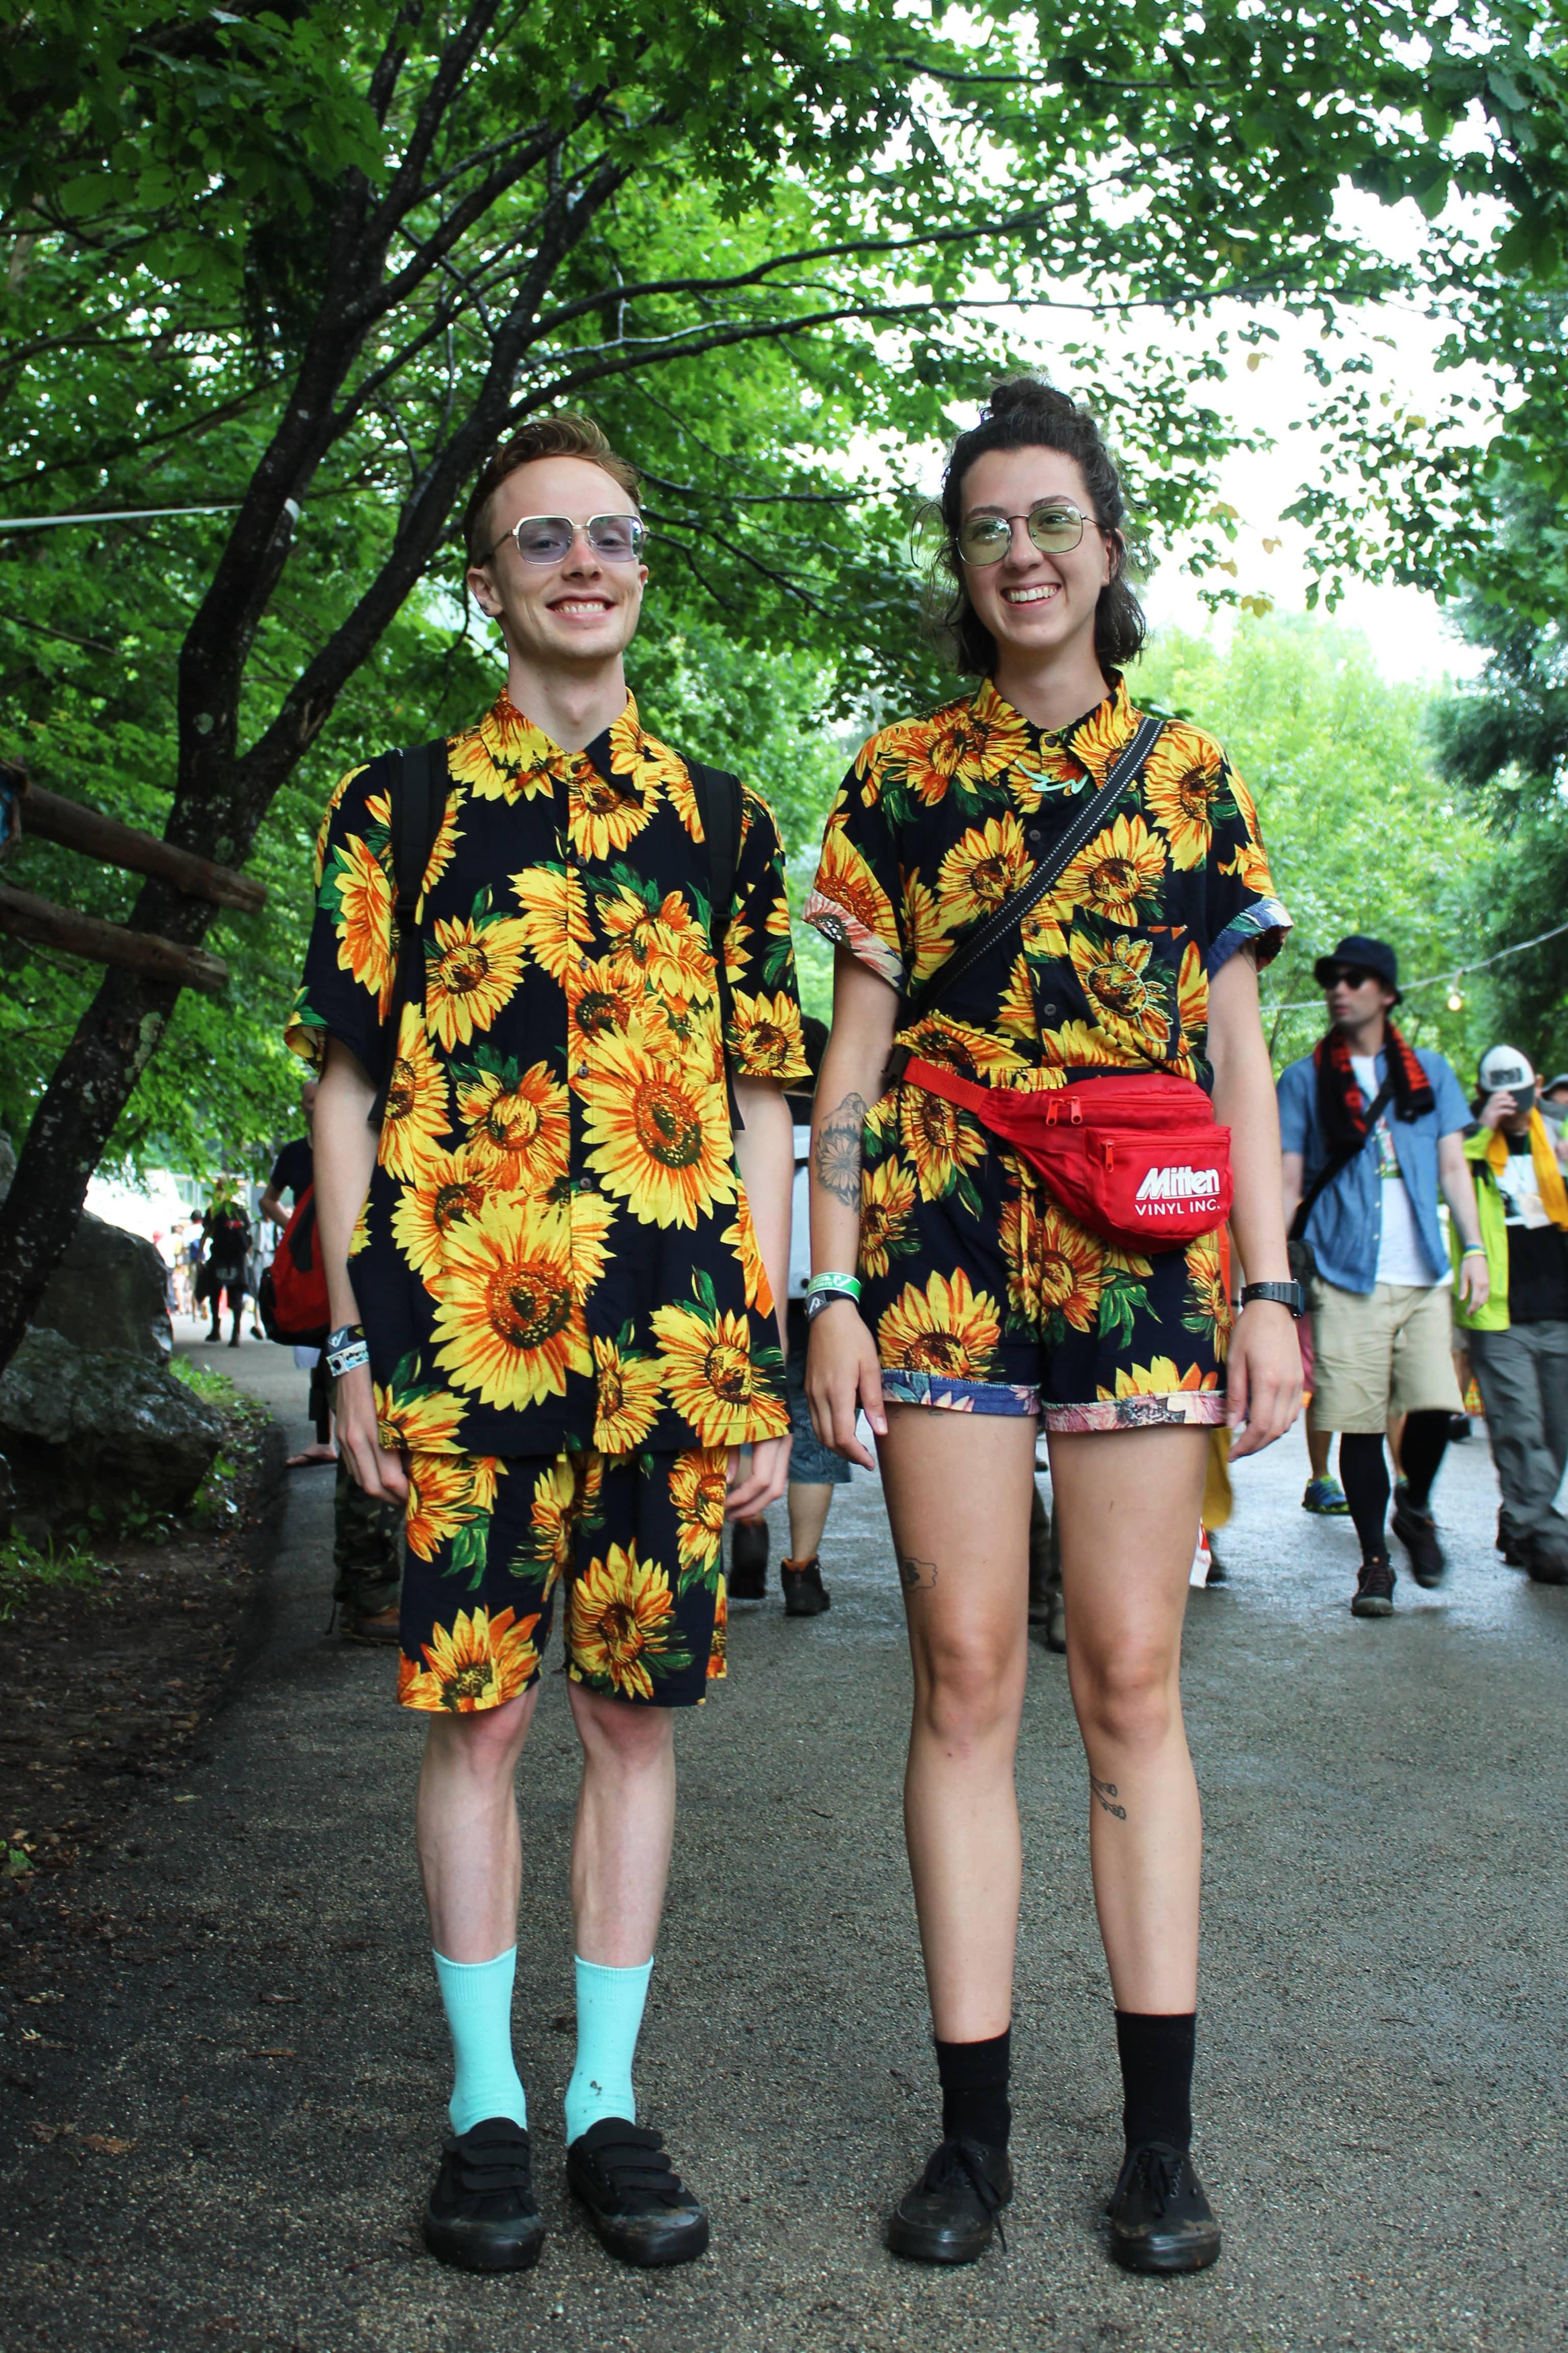 夏フェスファッション&足元スナップ!フジロック'17メンズ&レディースコーデ&靴28選!